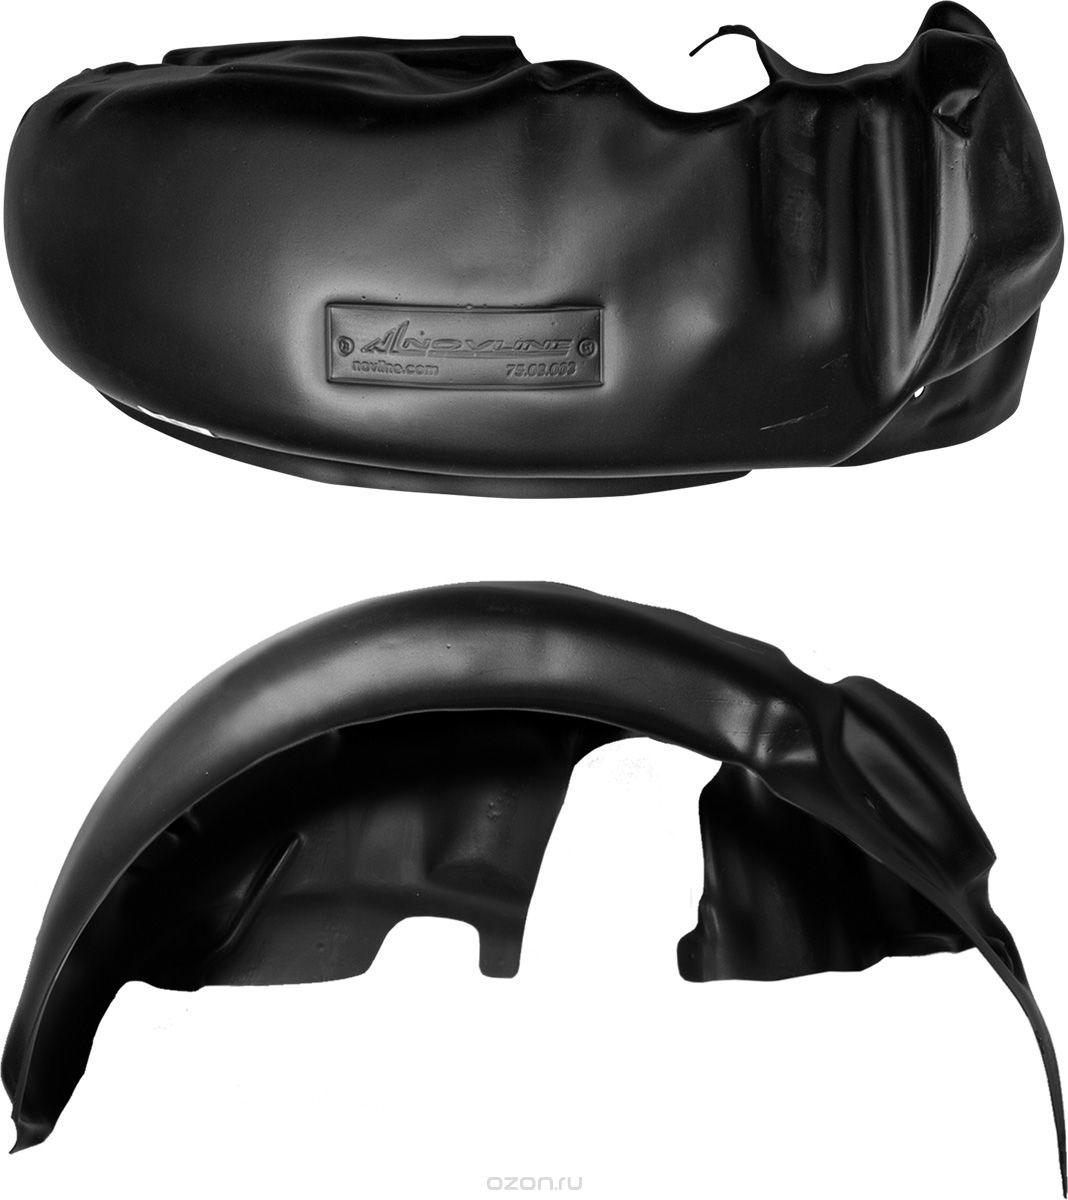 Подкрылок Novline-Autofamily, для УАЗ Hunter 11/2003->, передний правыйNLL.54.06.002Идеальная защита колесной ниши. Локеры разработаны с применением цифровых технологий, гарантируют максимальную повторяемость поверхности арки. Изделия устанавливаются без нарушения лакокрасочного покрытия автомобиля, каждый подкрылок комплектуется крепежом. Уважаемые клиенты, обращаем ваше внимание, что фотографии на подкрылки универсальные и не отражают реальную форму изделия. При этом само изделие идет точно под размер указанного автомобиля.